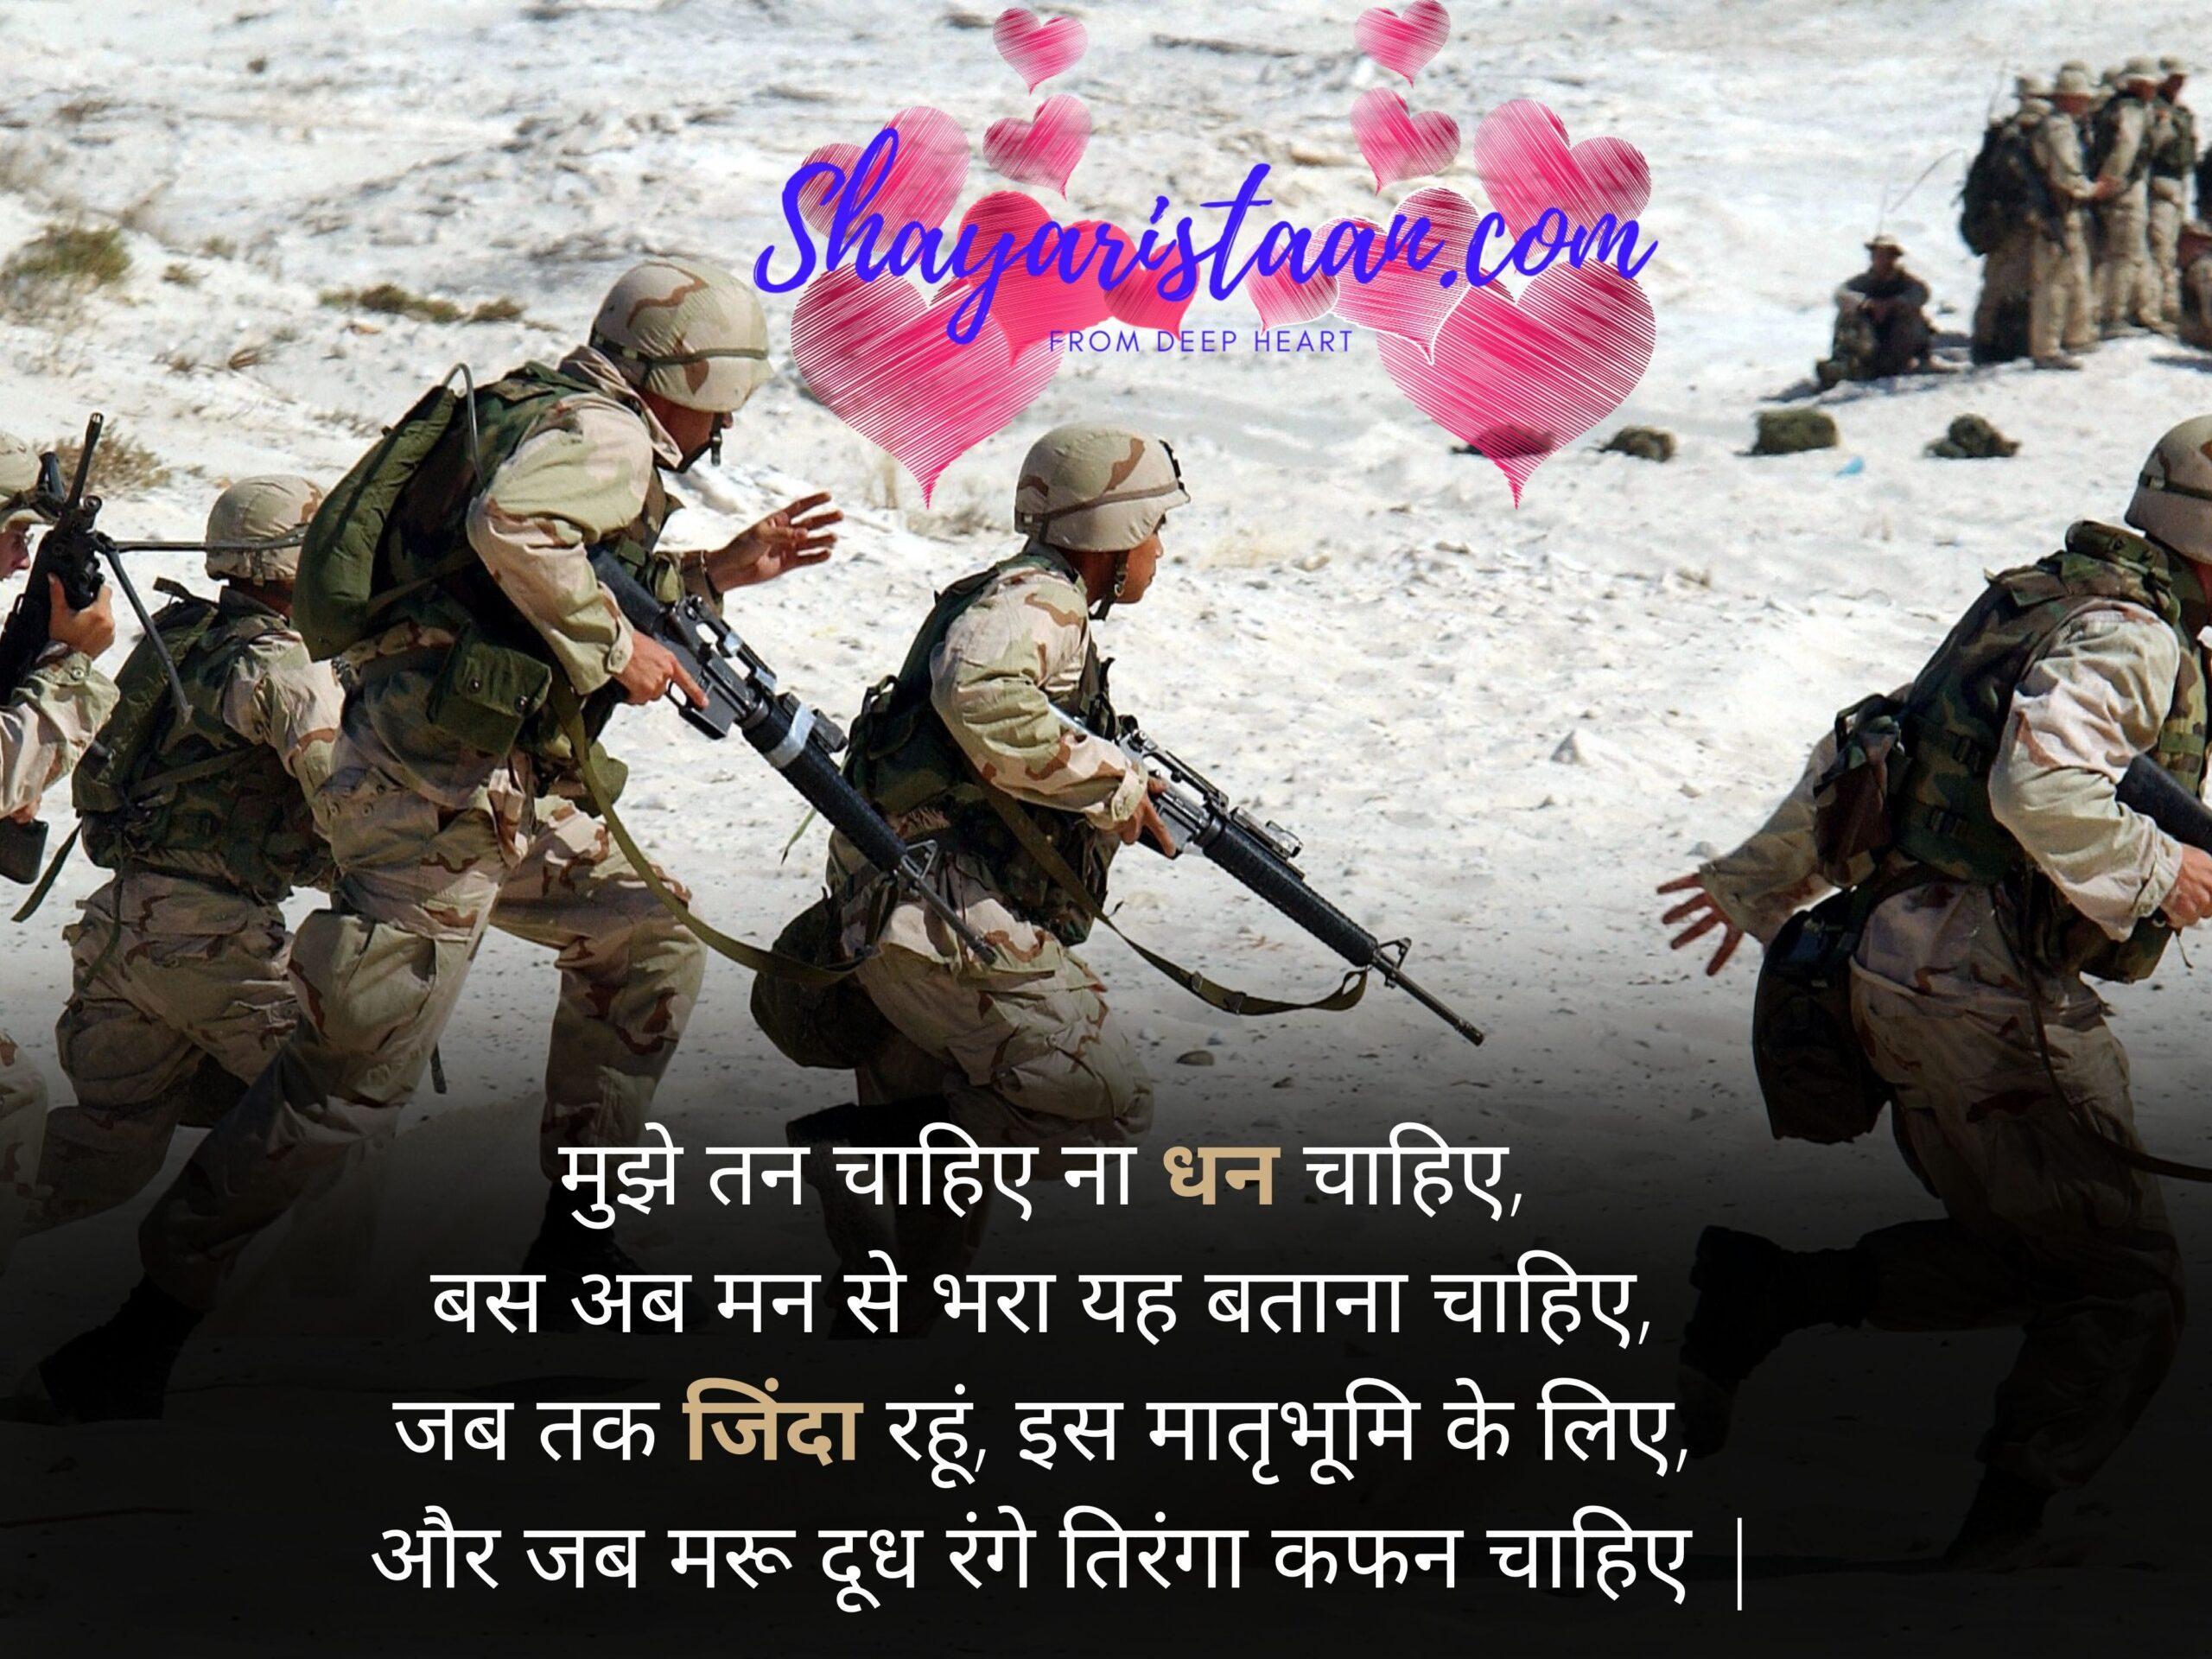 इंडियन आर्मी शायरी | मुझे तन चाहिए ना धन चाहिए, बस अब मन से भरा यह बताना चाहिए, जब तक जिंदा रहूं, इस मातृभूमि के लिए, और जब मरू दूध रंगे तिरंगा कफन चाहिए |